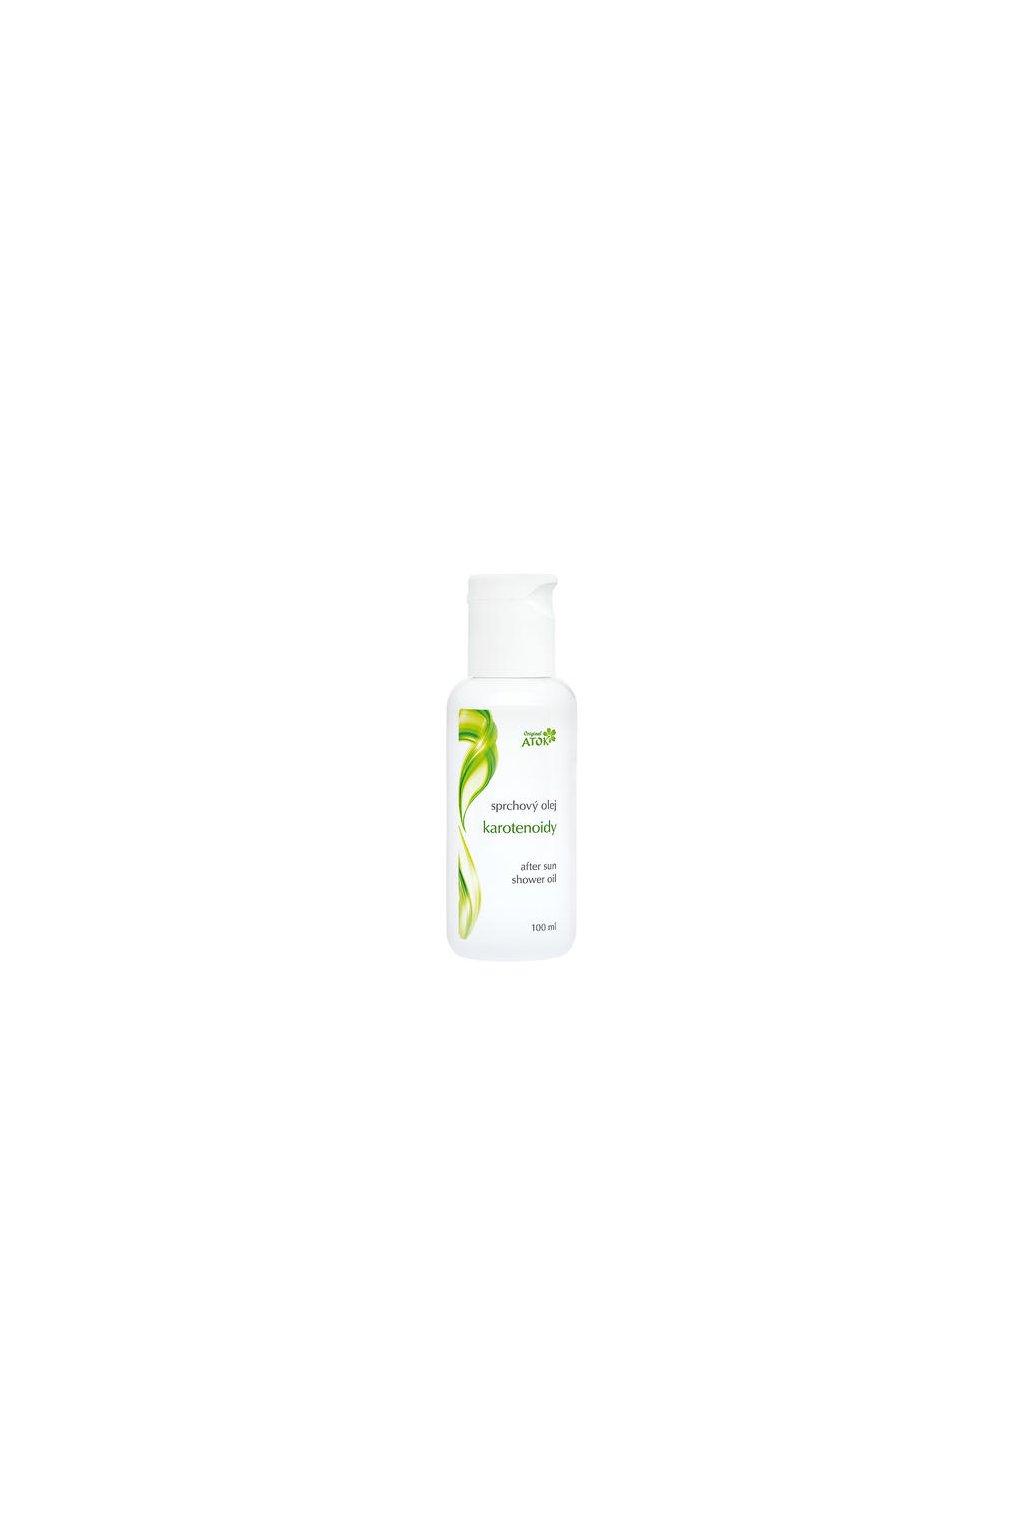 Atok sprchový olej po opalování karotenoidy (varianta 100ml)